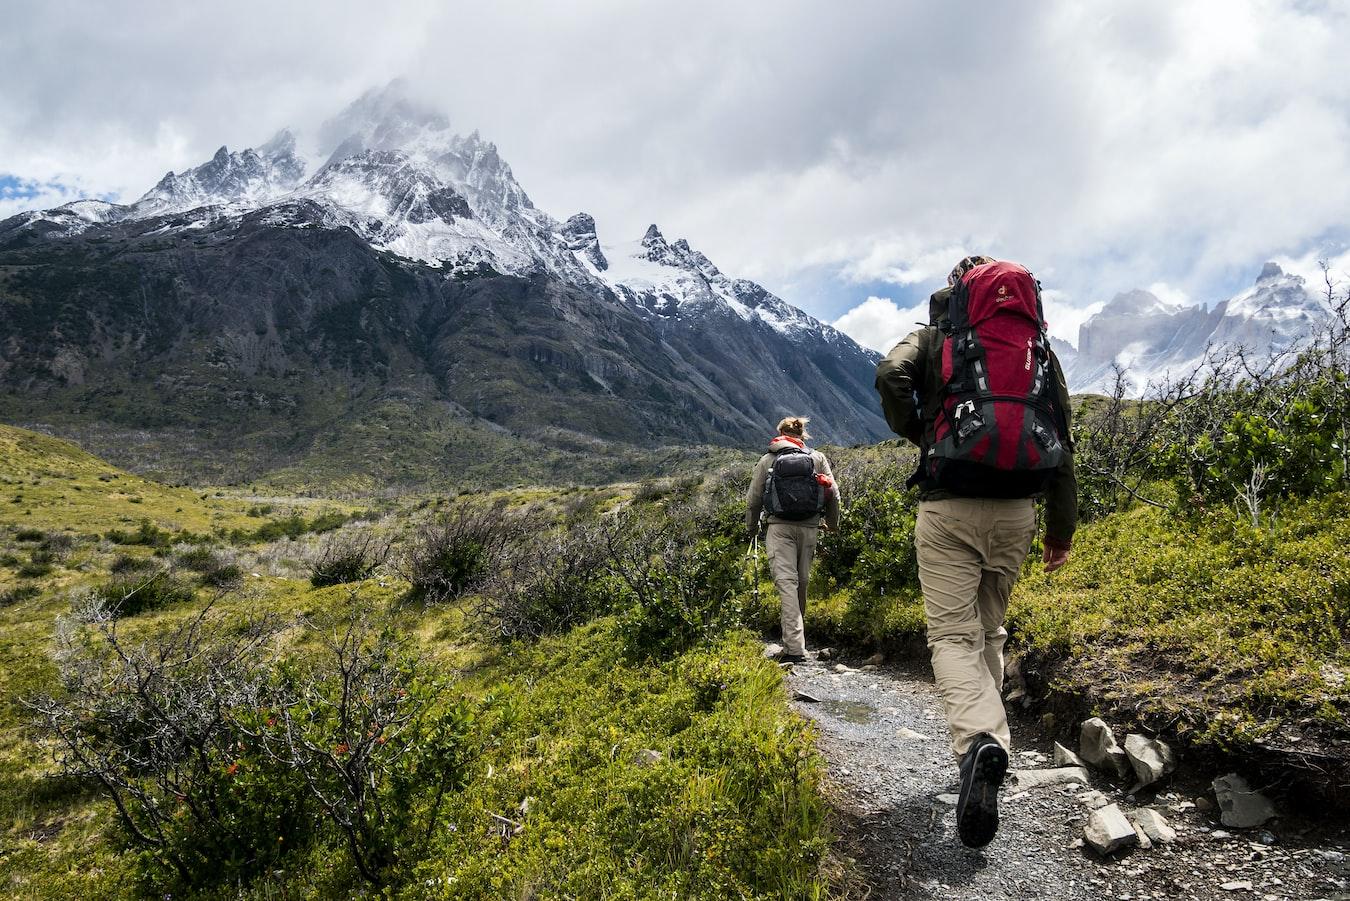 【達人推薦】爬高山|多日行程登山裝備指南